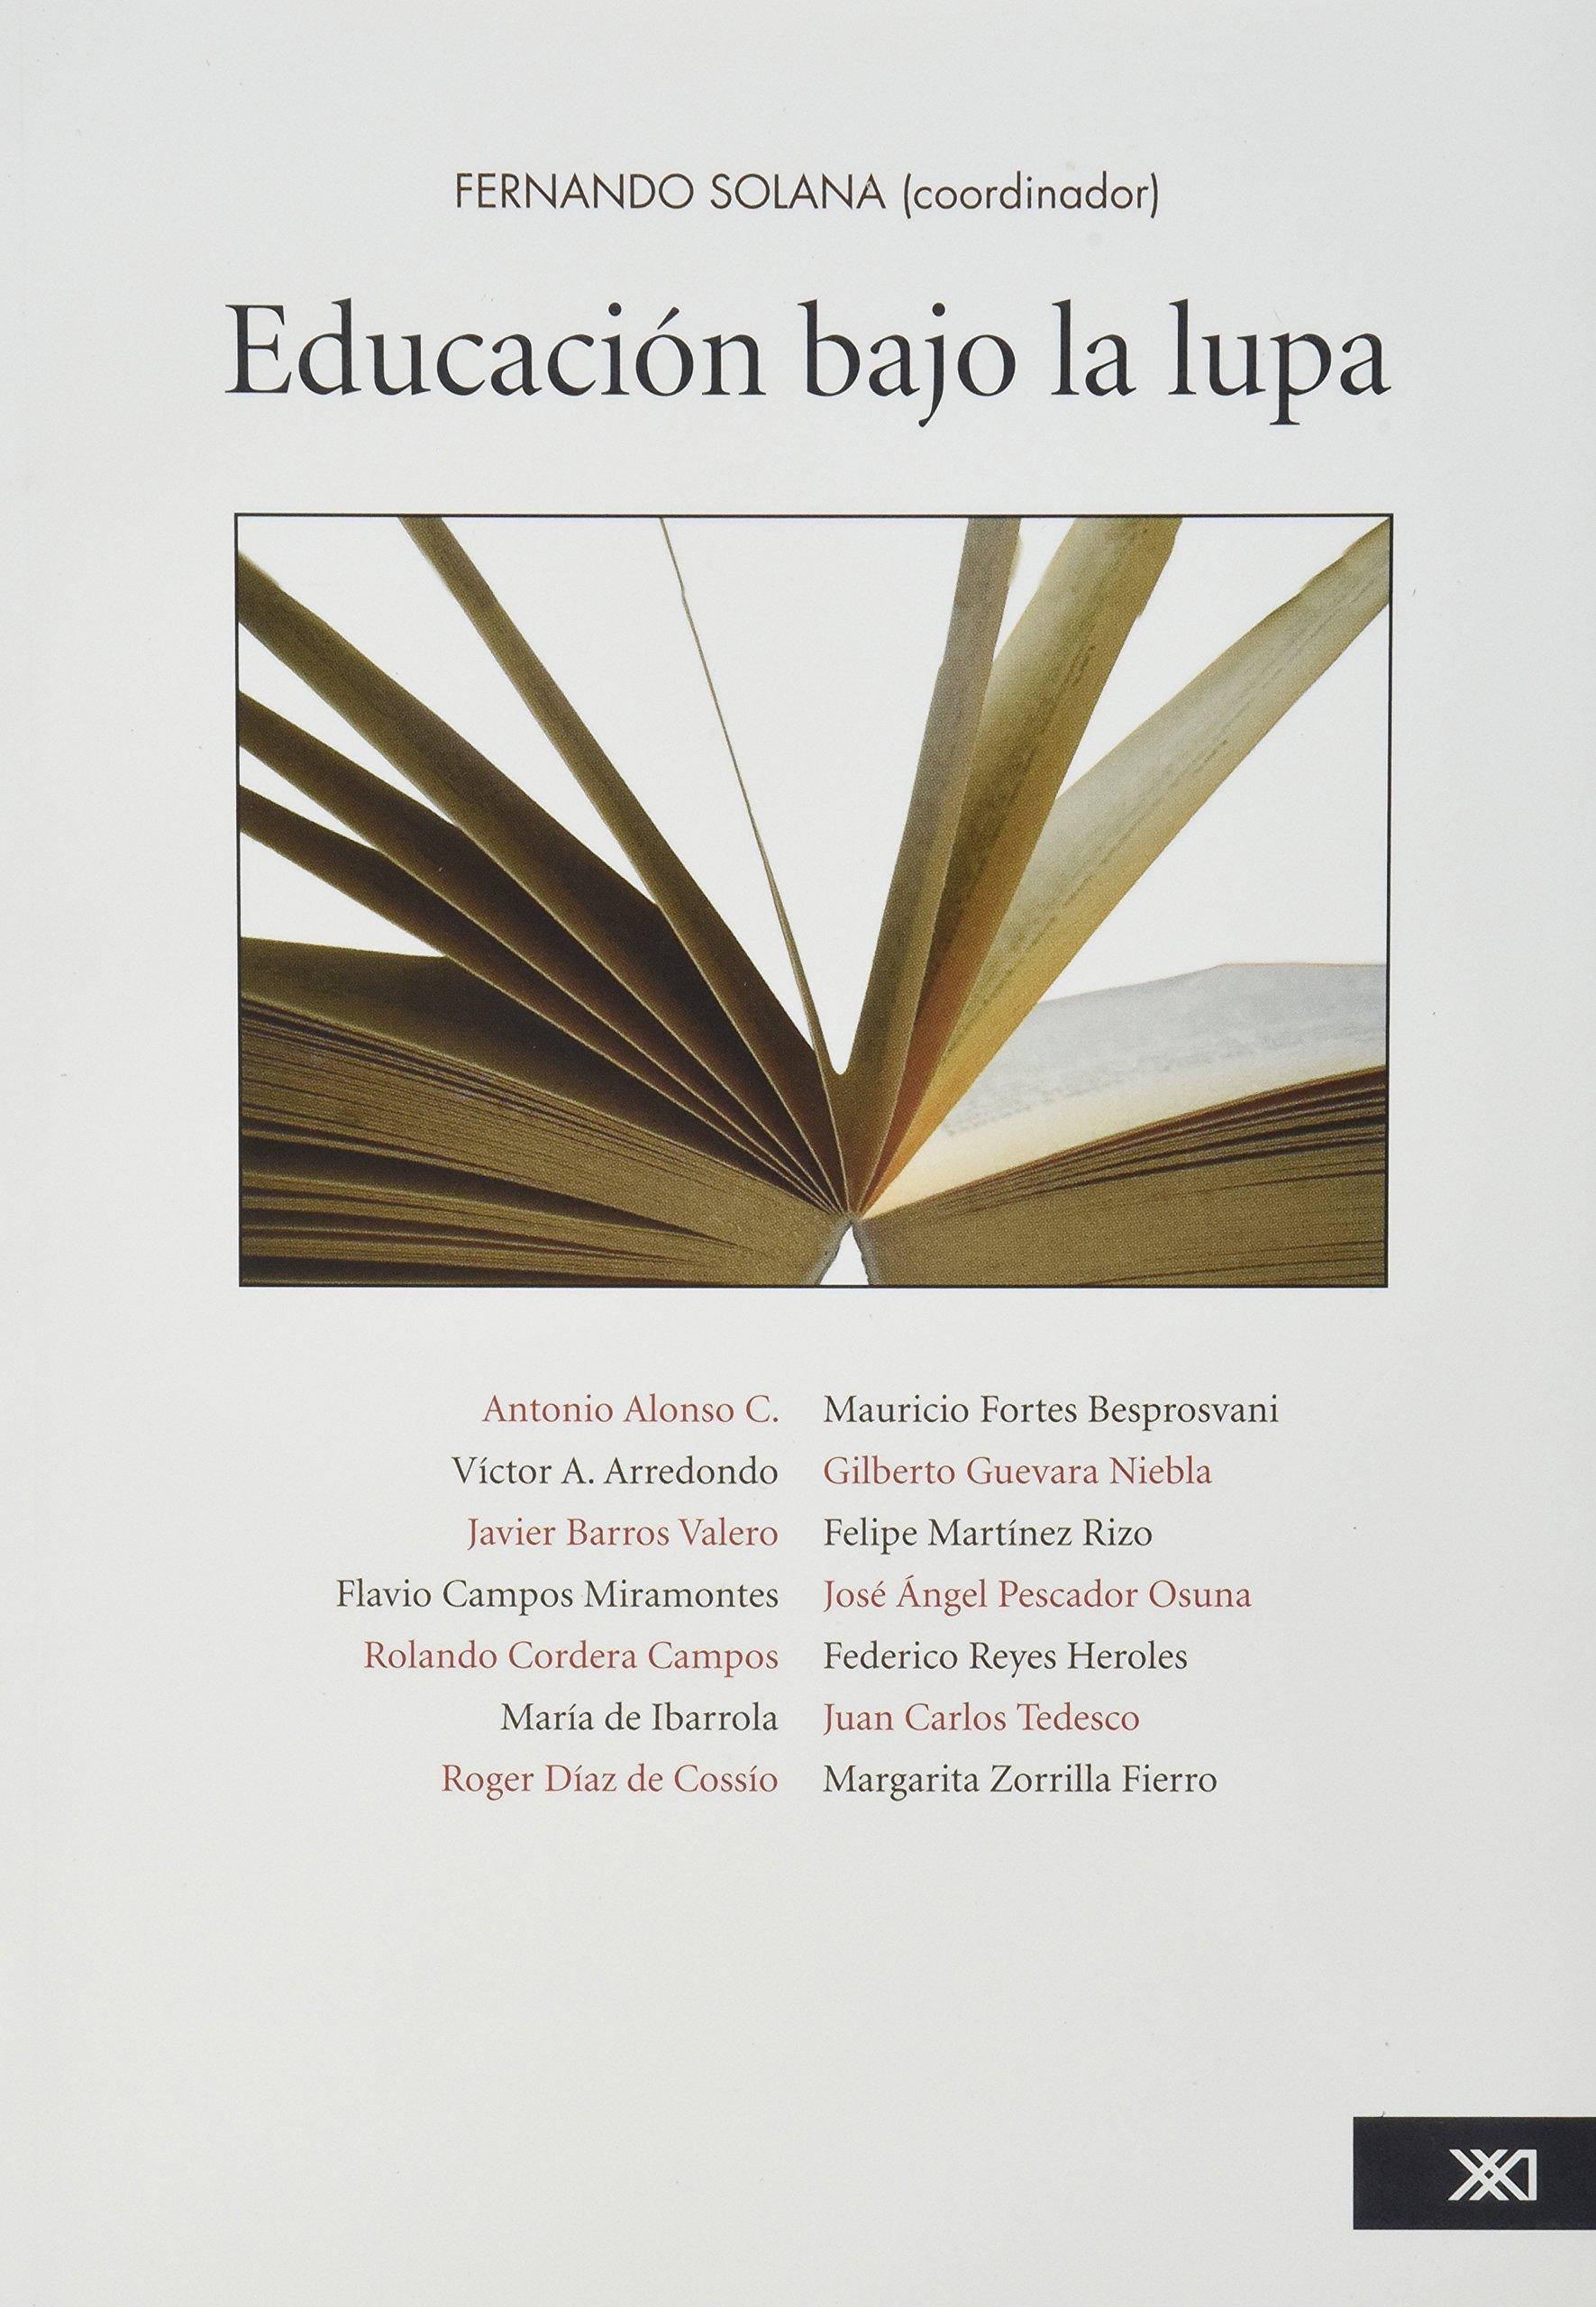 Educacion bajo la lupa. VIII Coloquio Internacional del Fondo Mexicano para la Educacion y el Desarrrollo. (Spanish Edition) pdf epub